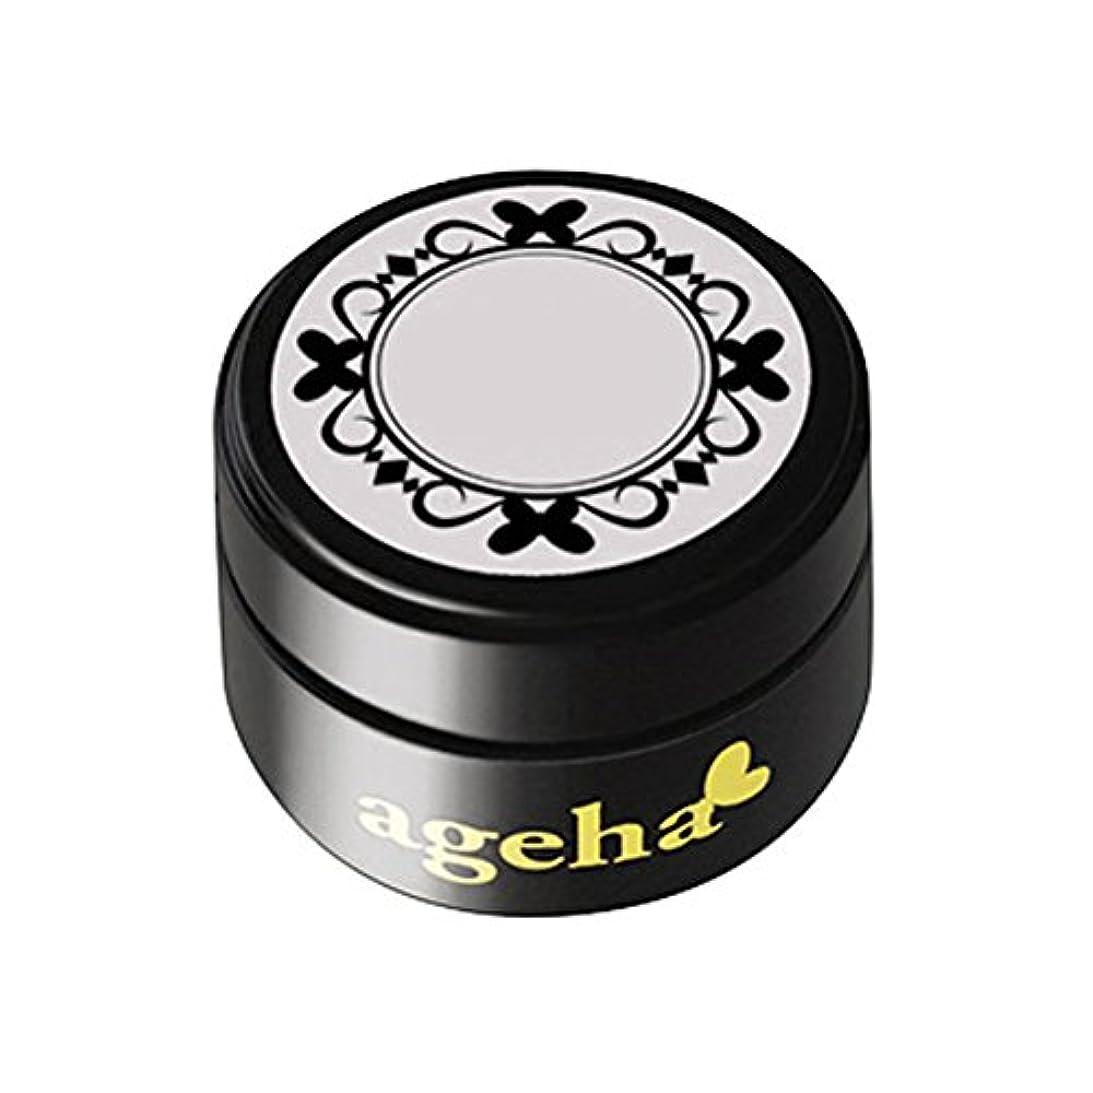 連続的瞑想提供されたpresto ageha カラージェル 28 ブラック 2.7g